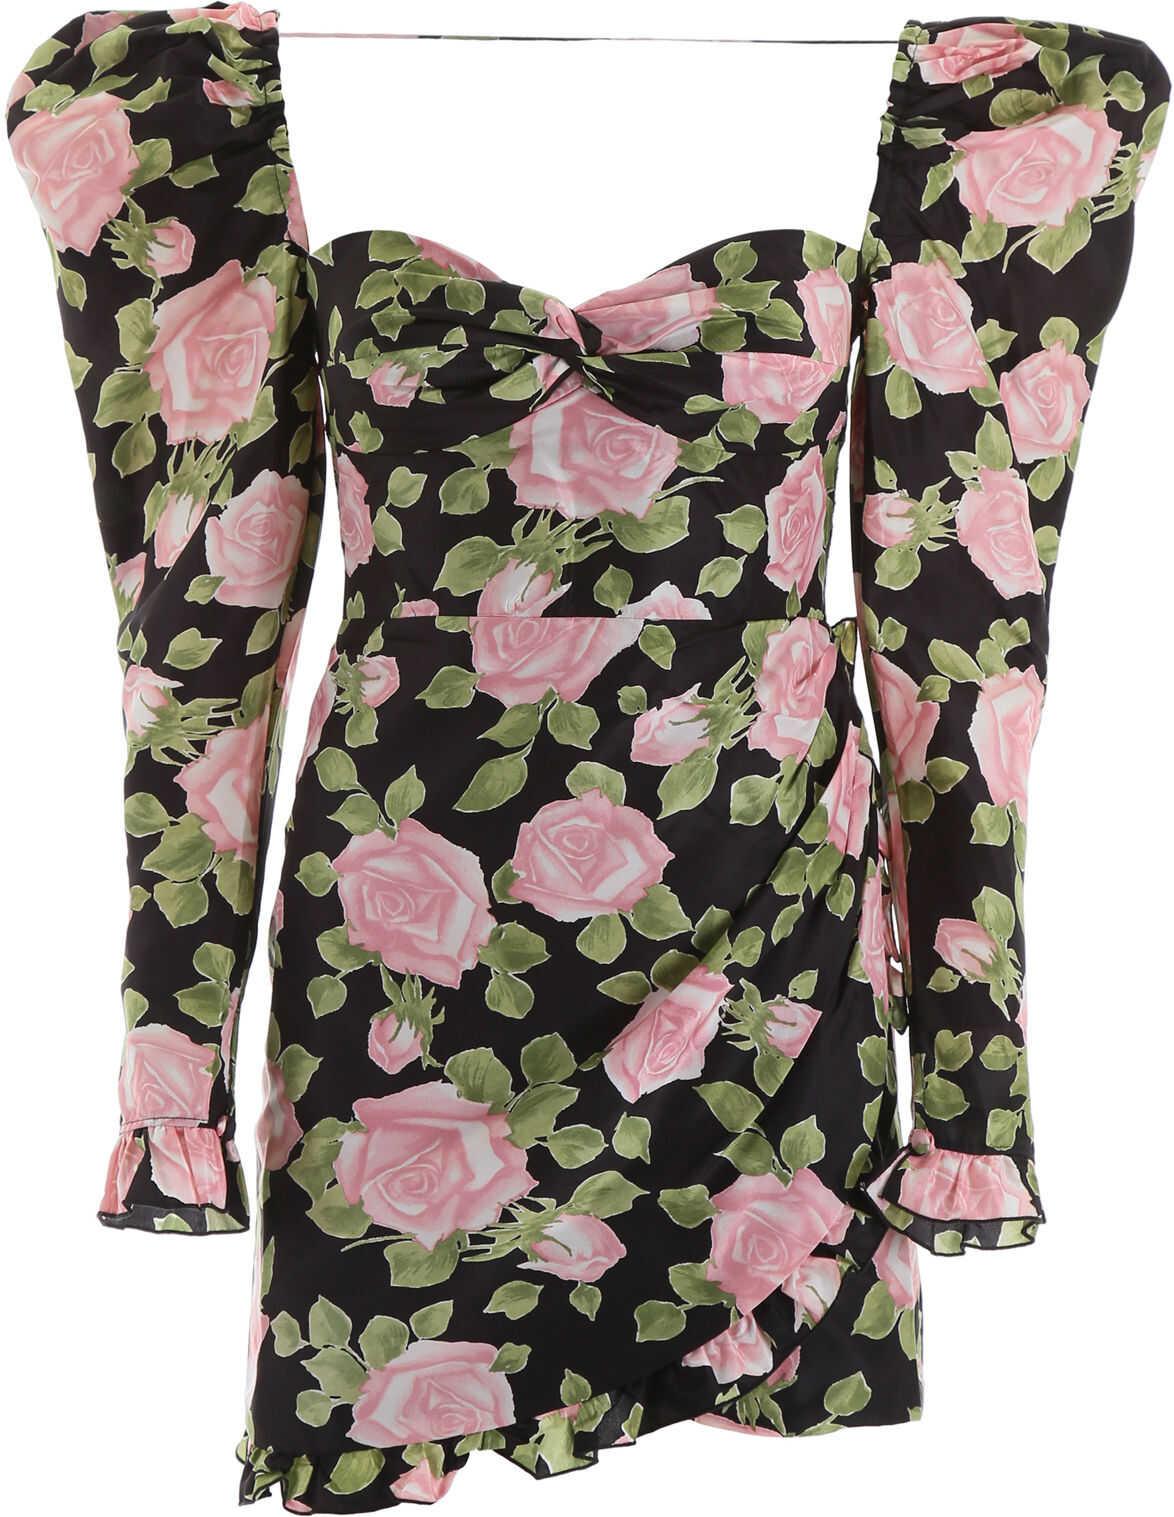 Alessandra Rich Rose Print Mini Dress BLACK PINK